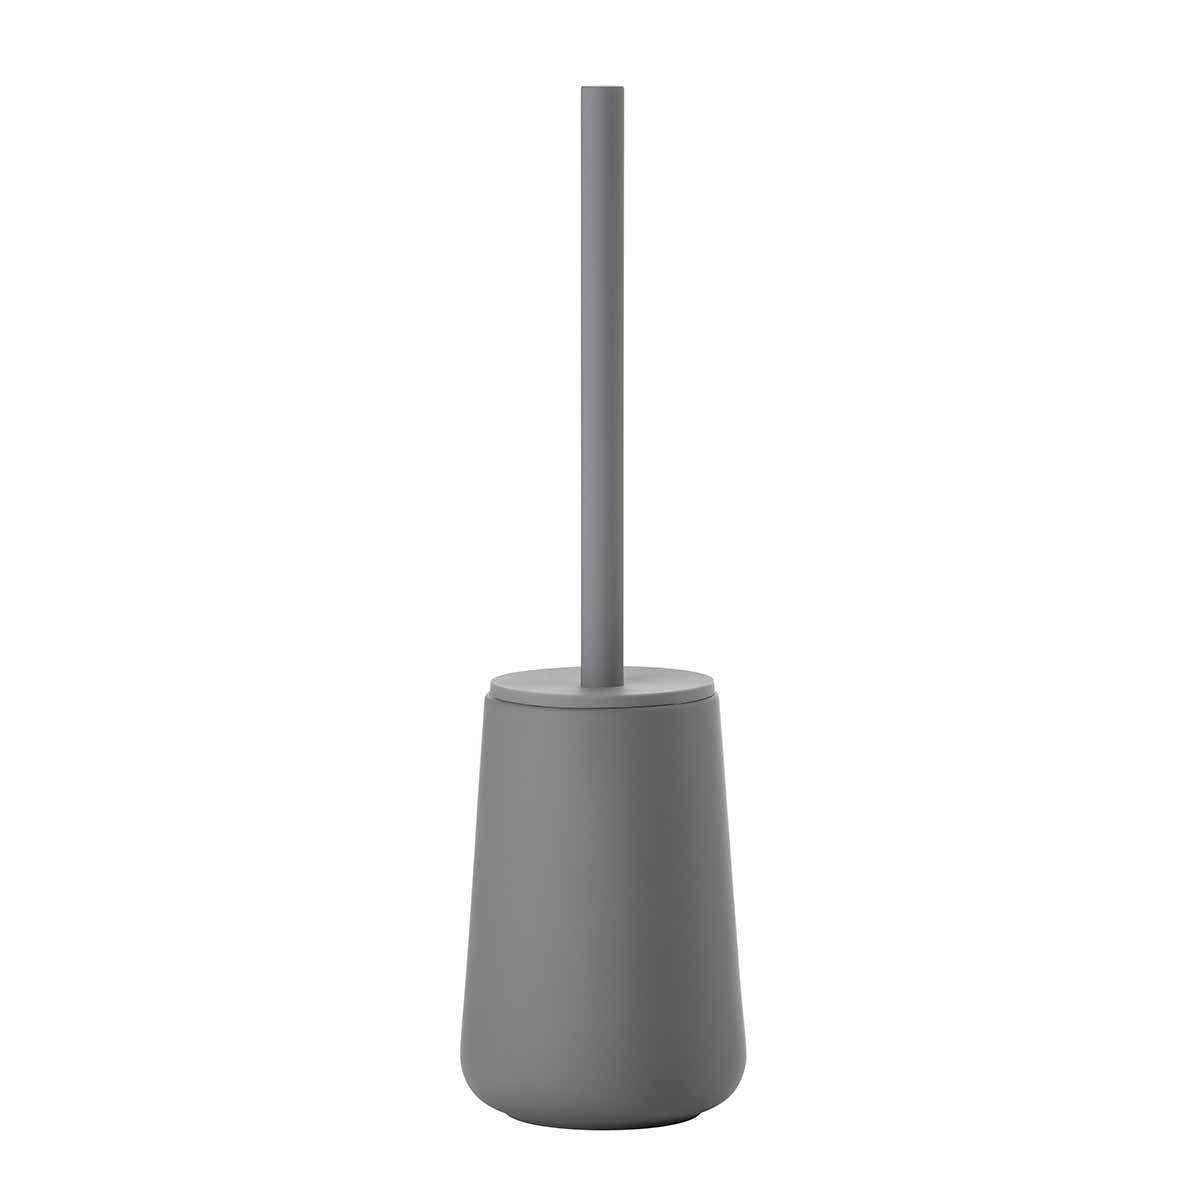 Zone Denmark - Nova One Toilettenbürste, grau 361058